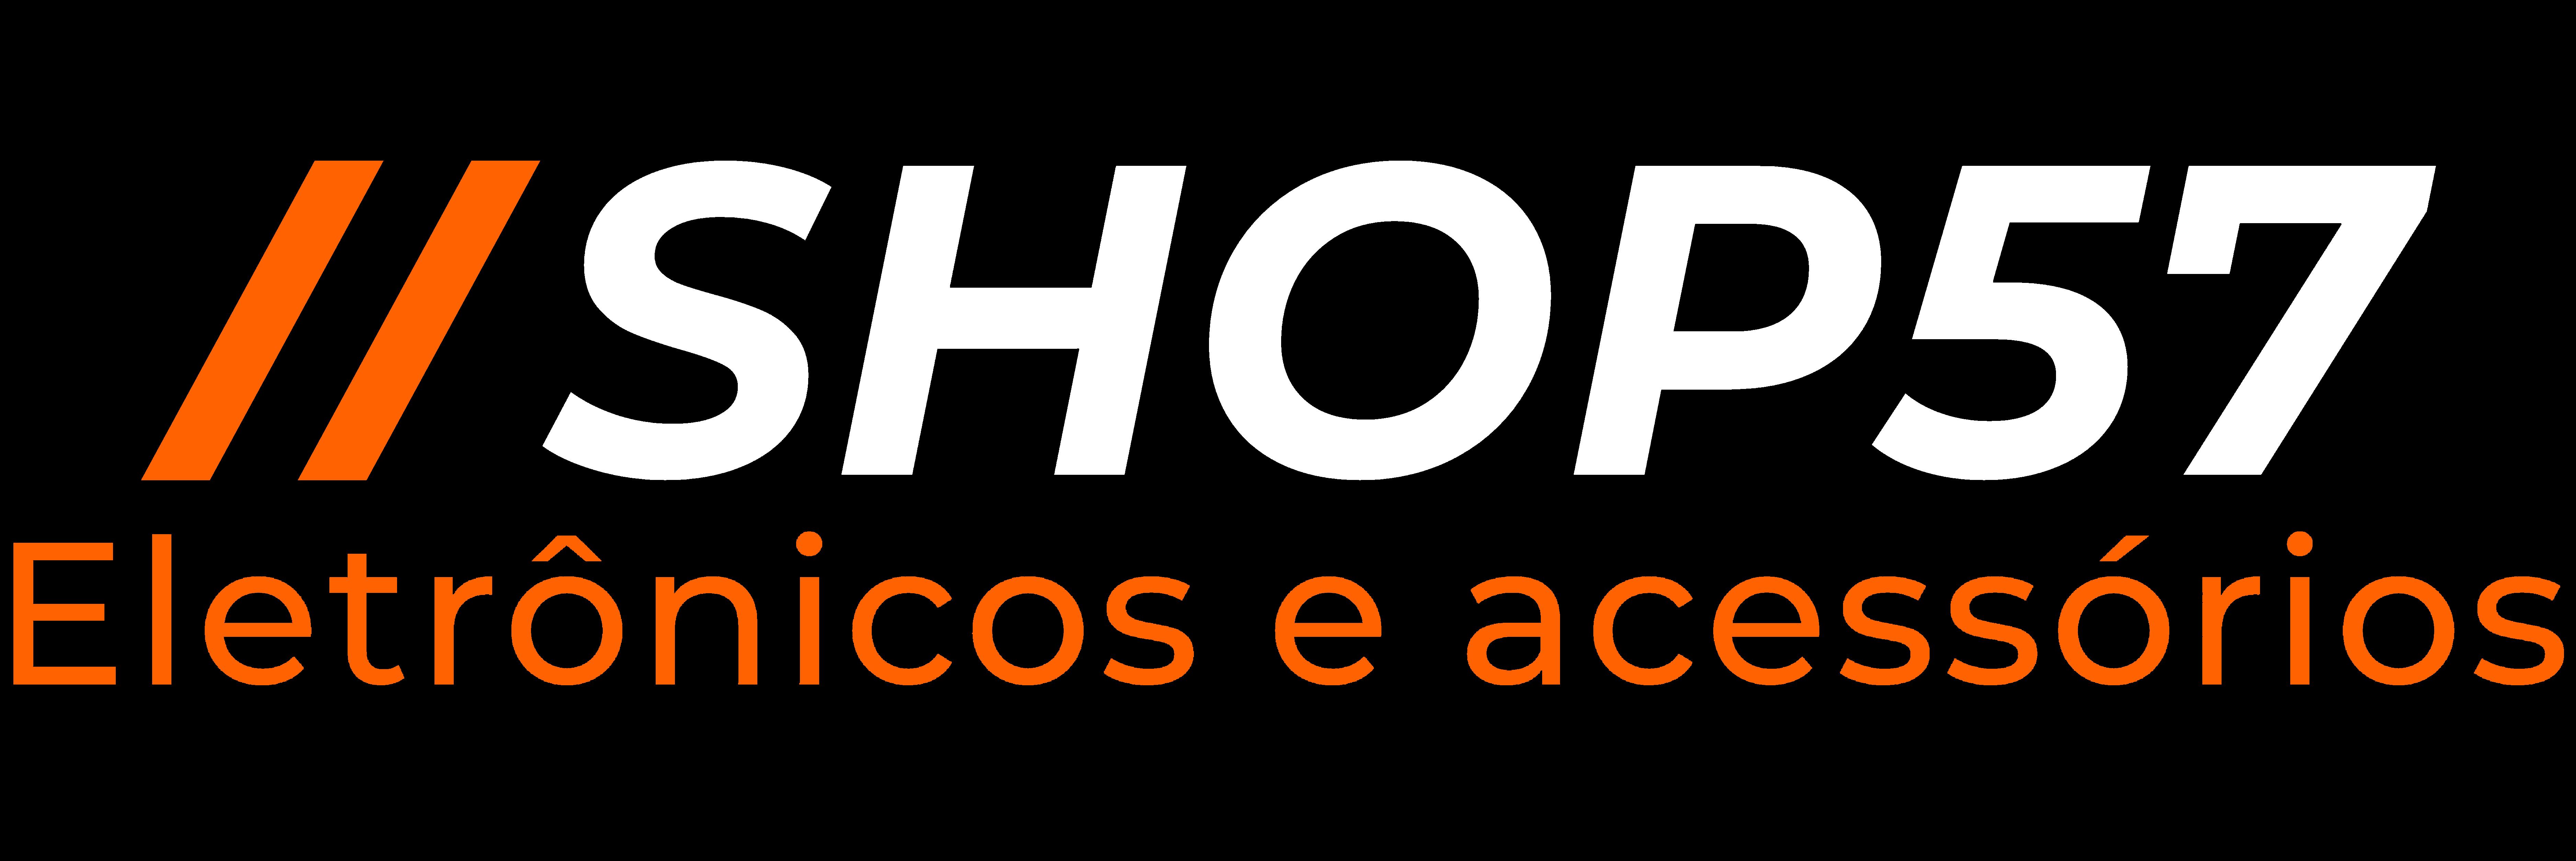 SHOP57